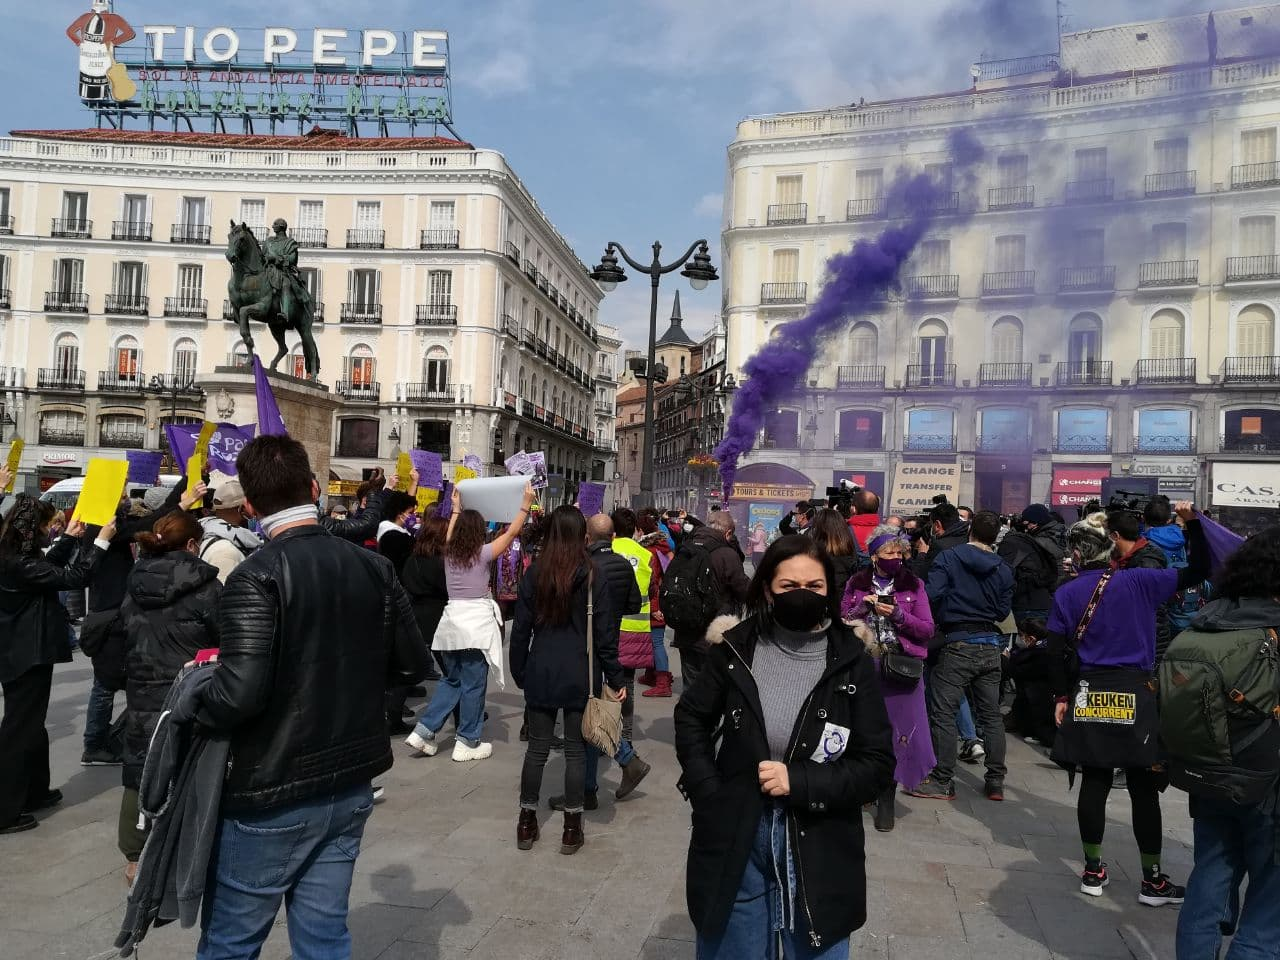 España: Cientos de manifestantes desafían las prohibiciones y salieron a protestar en Madrid este #8M